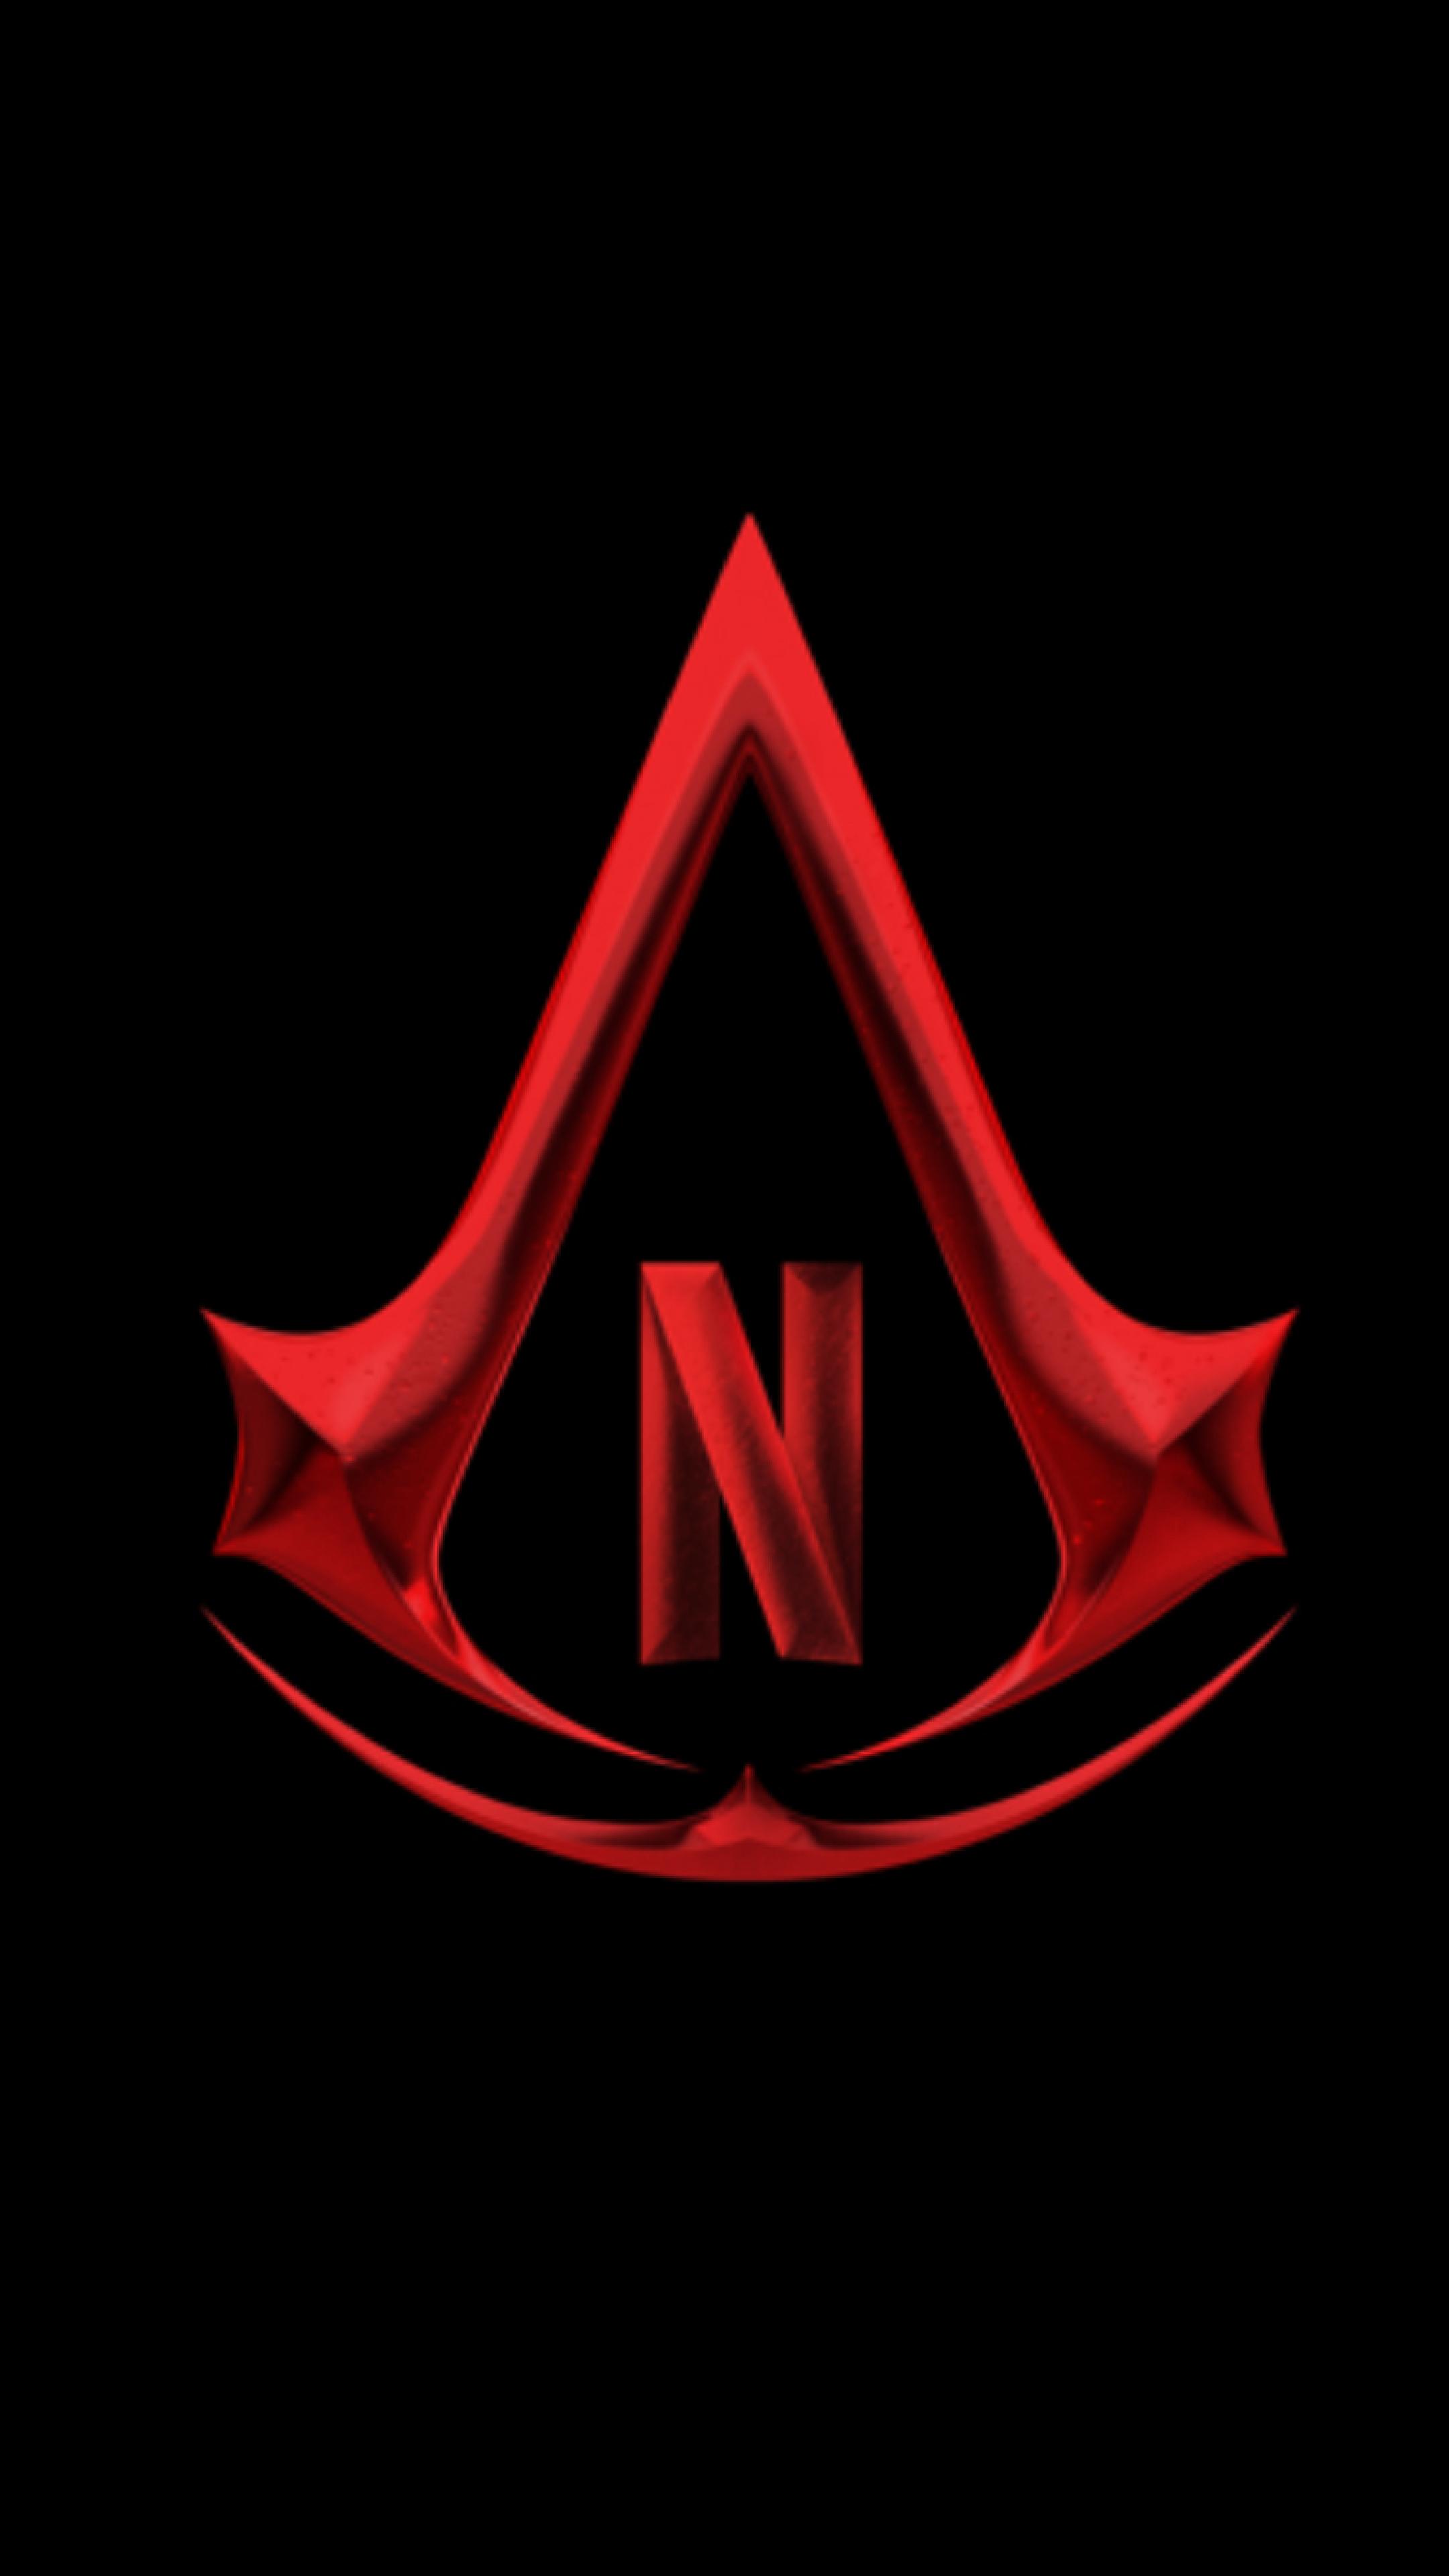 2160x3840 Assassin's Creed Netflix Show Logo Sony Xperia X ...